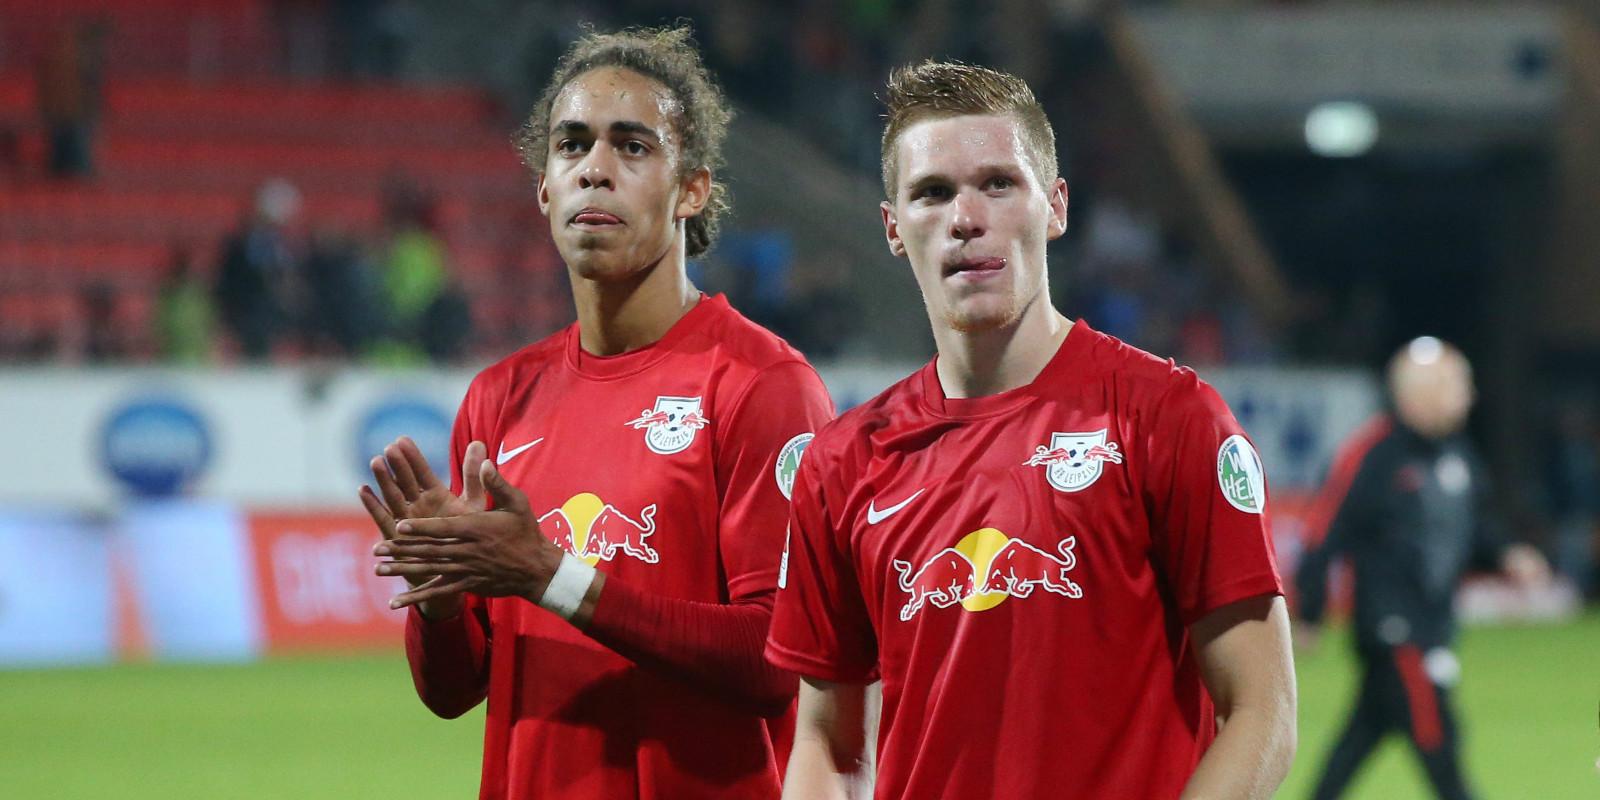 7. Spieltag: 1. FC Heidenheim - RB Leipzig 1:1